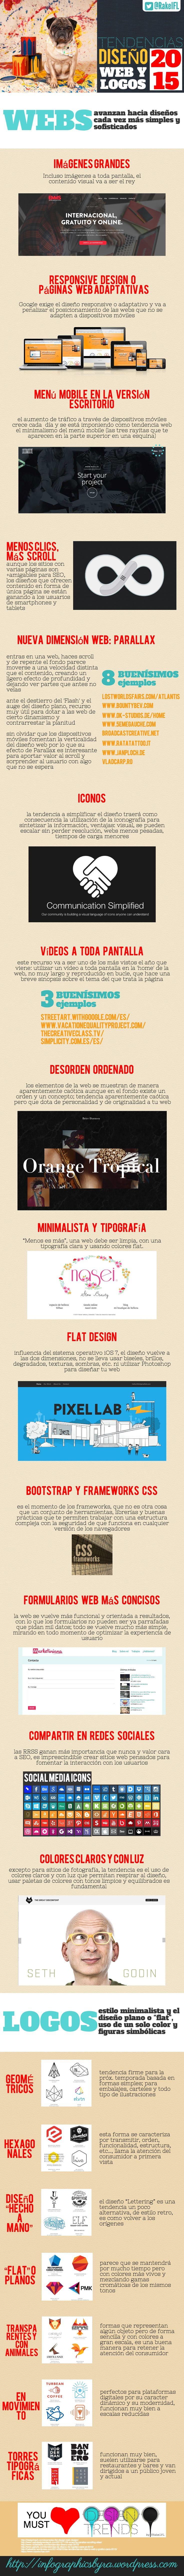 Una detallada infografía, llena de ilustraciones, que nos muestra las tendencias en diseño web y de logotipos corporativos para el próximo año 2015.